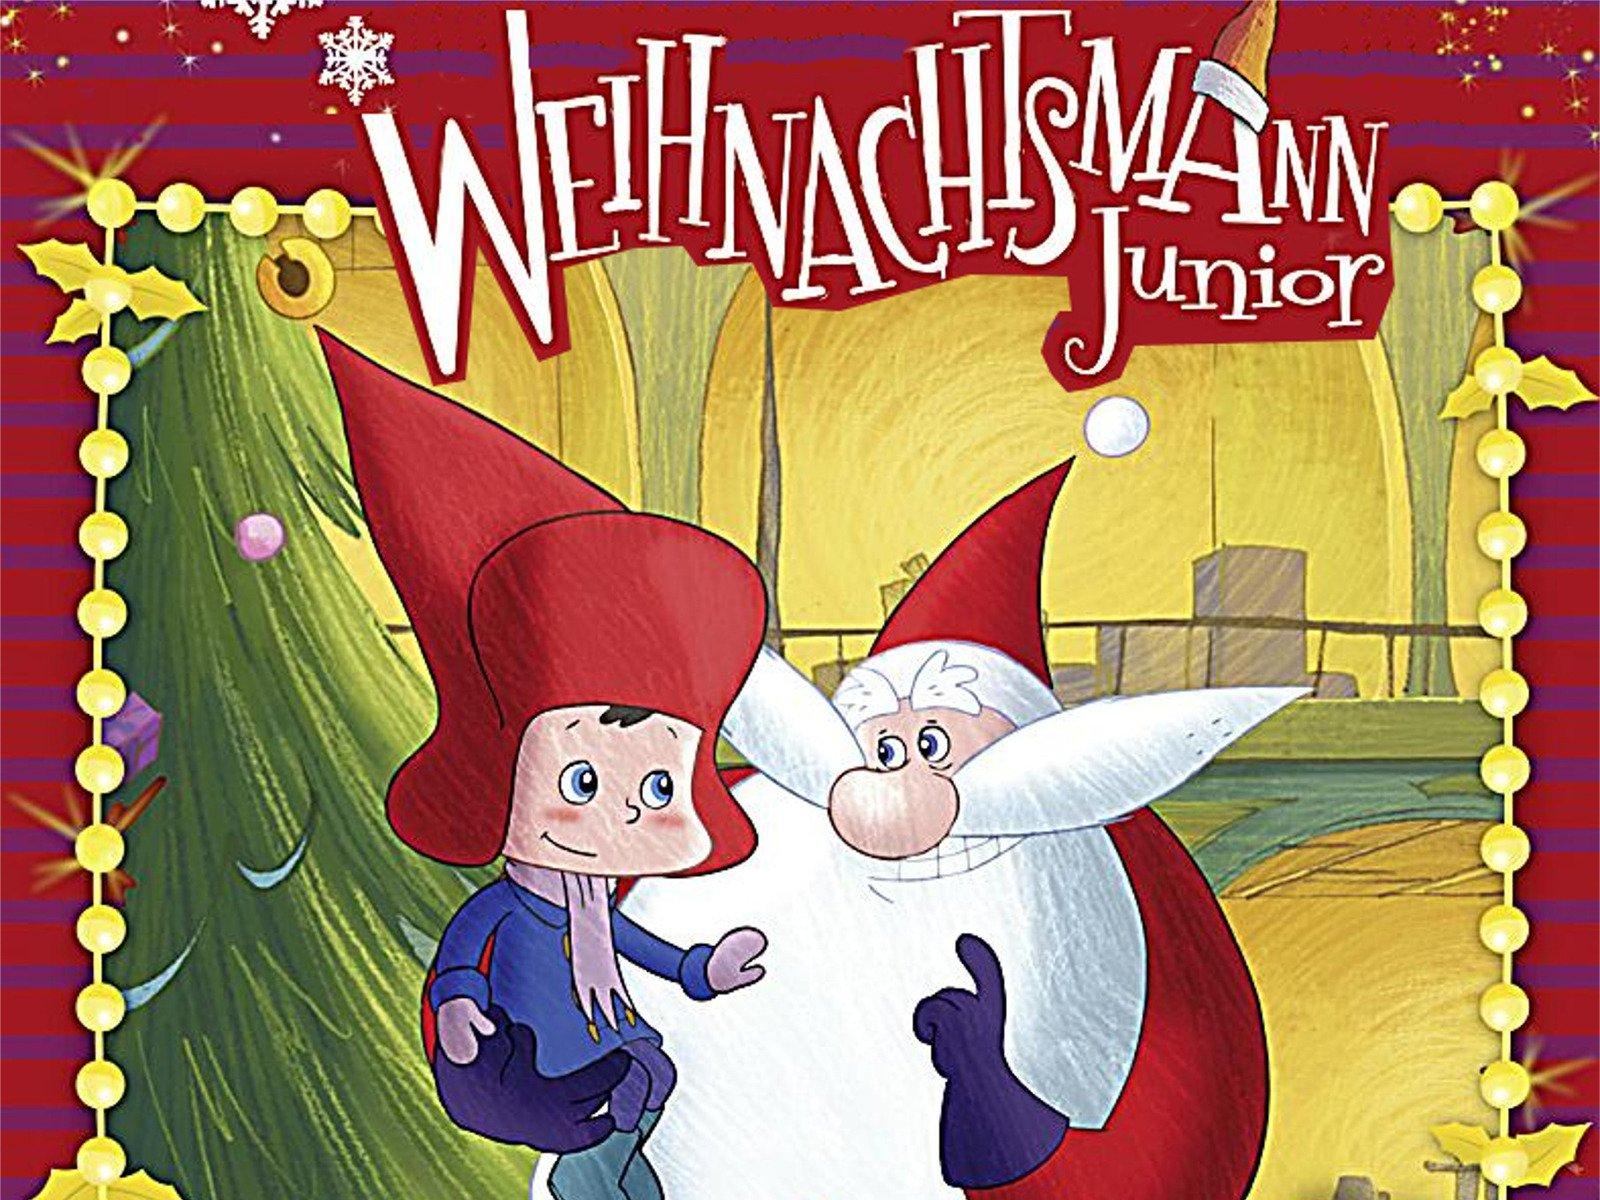 Amazon.de: Weihnachtsmann Junior ansehen | Prime Video